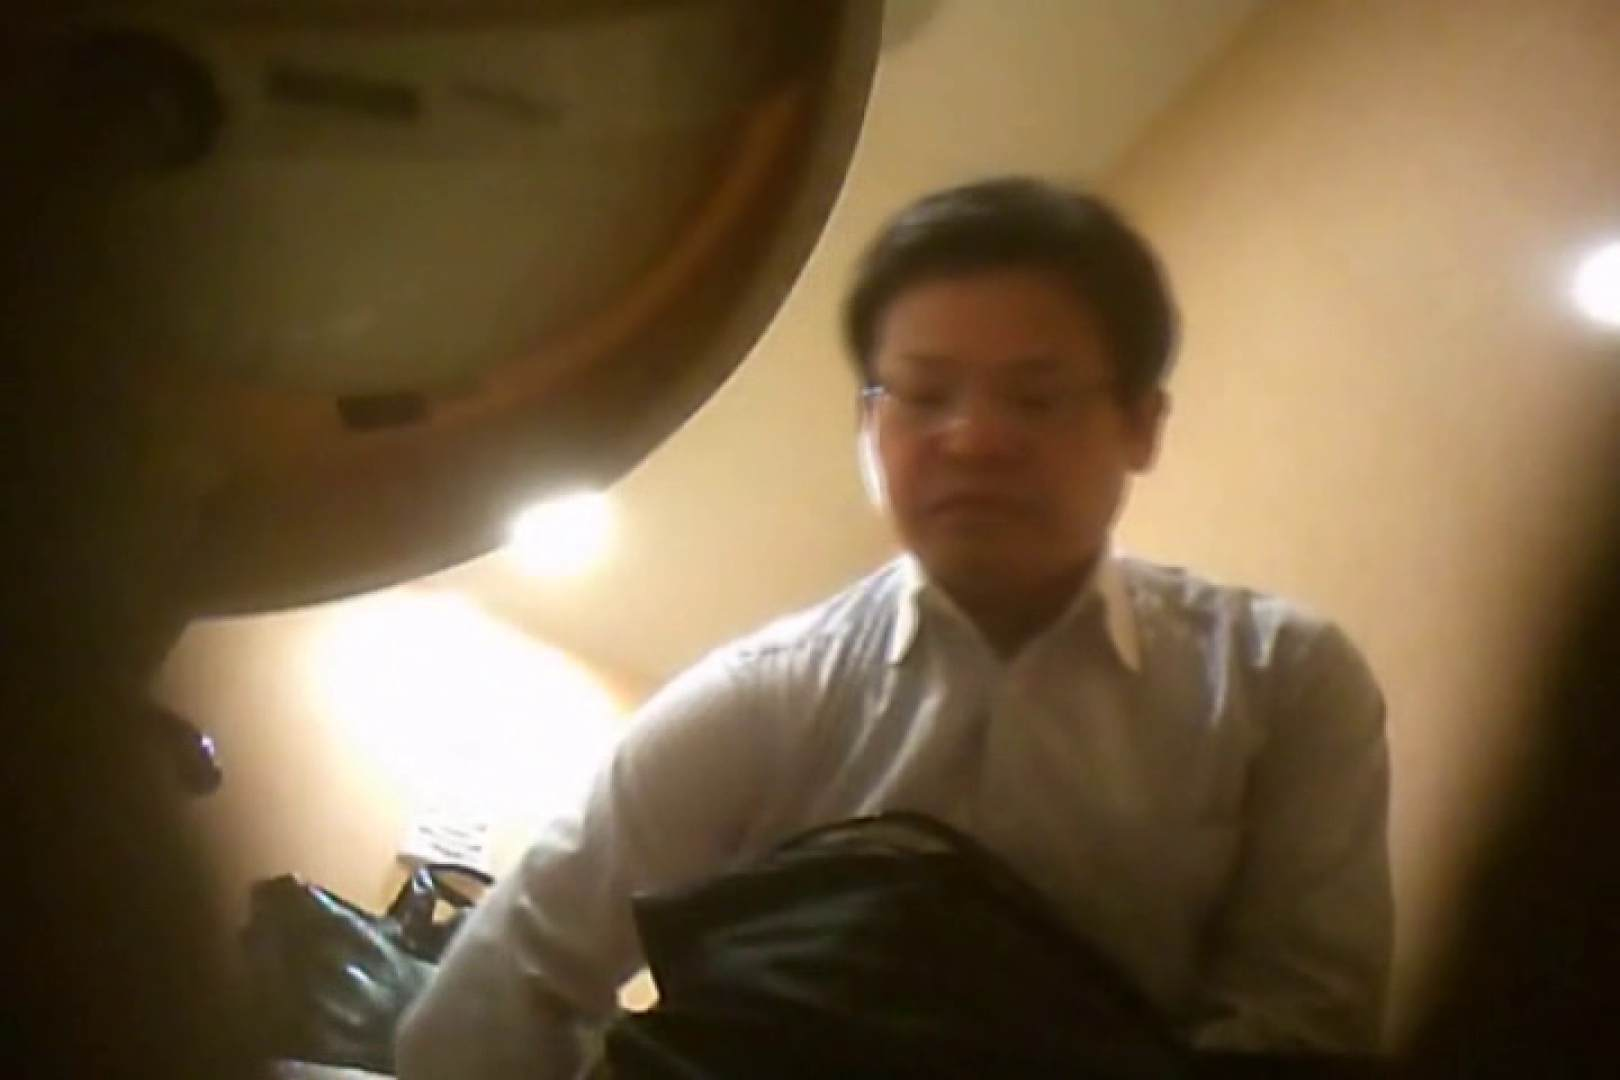 SEASON 3rd!掴み取りさんの洗面所覗き!in新幹線!VOL.16 私服がかっこいい Guyエロ画像 96枚 30